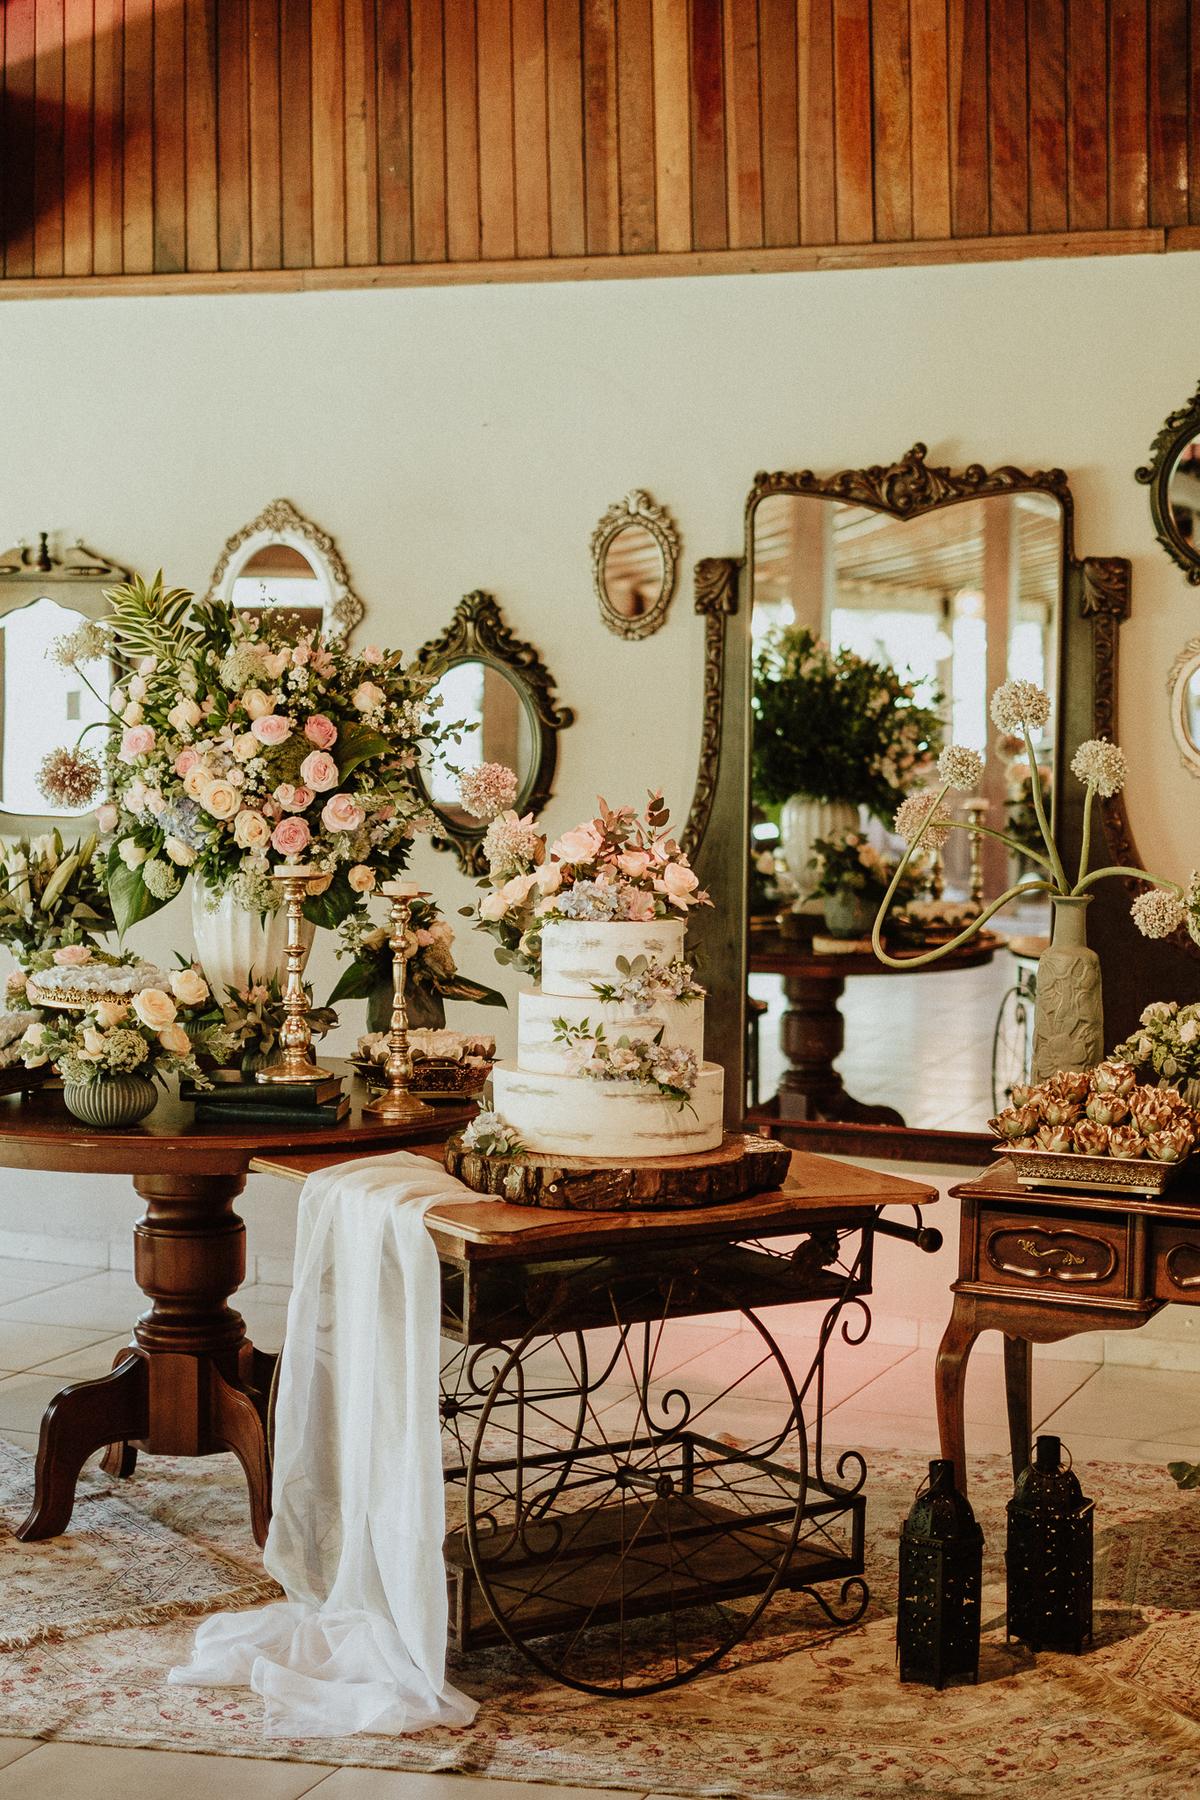 casamentos de dia ao ar livre fotografia de casamento decoracao de casamento inspiracao de decoracao